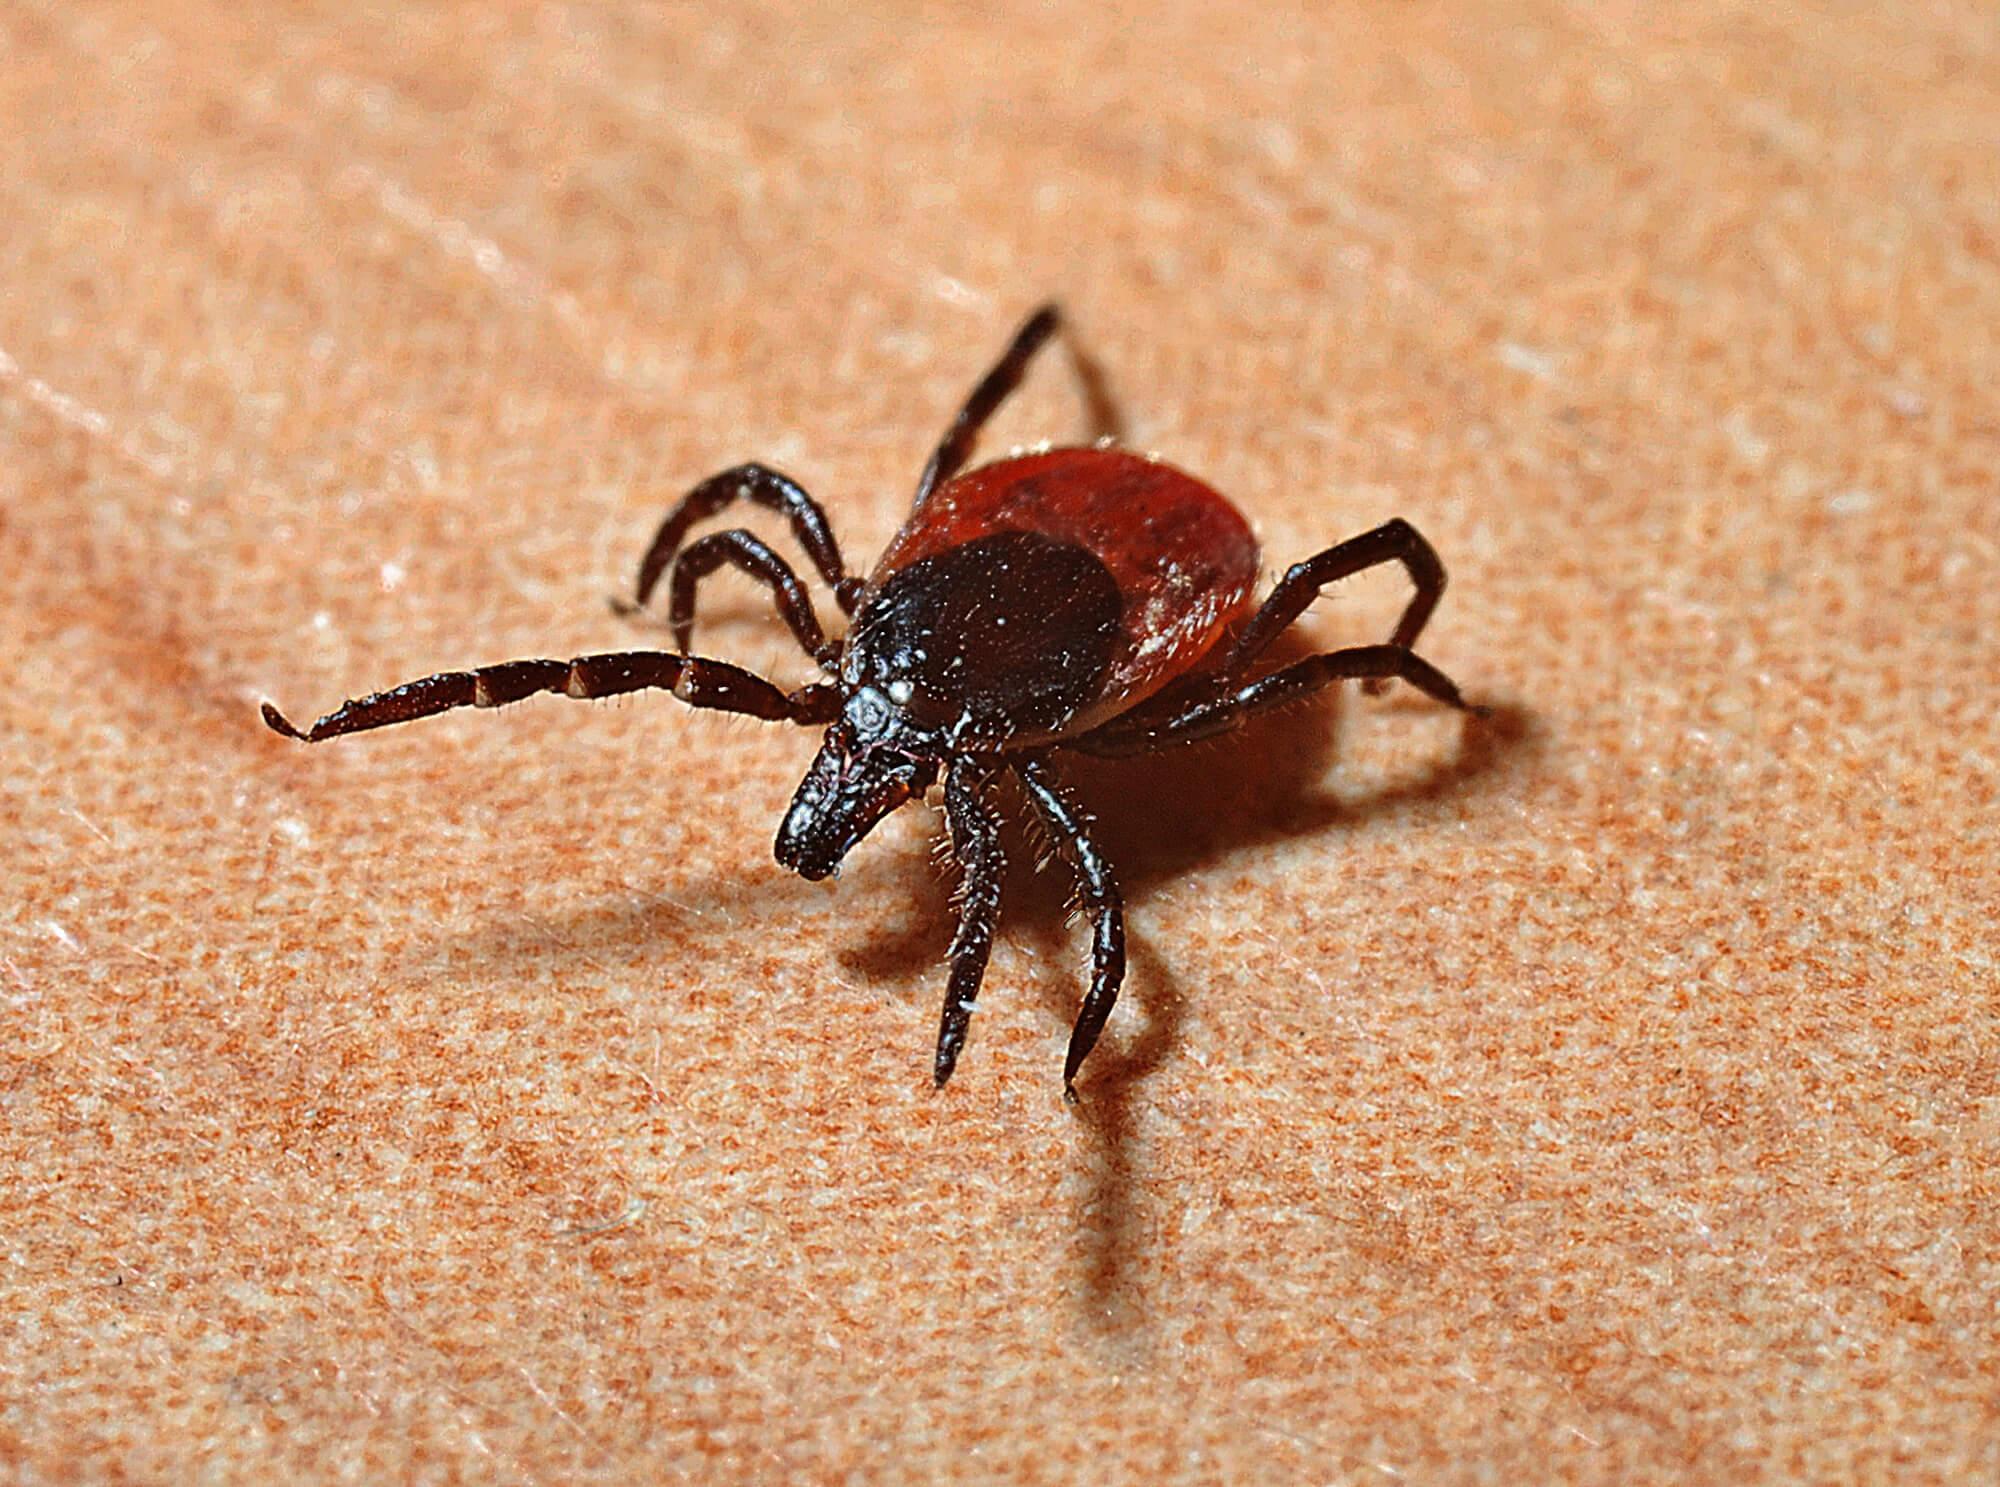 Bug on Linen